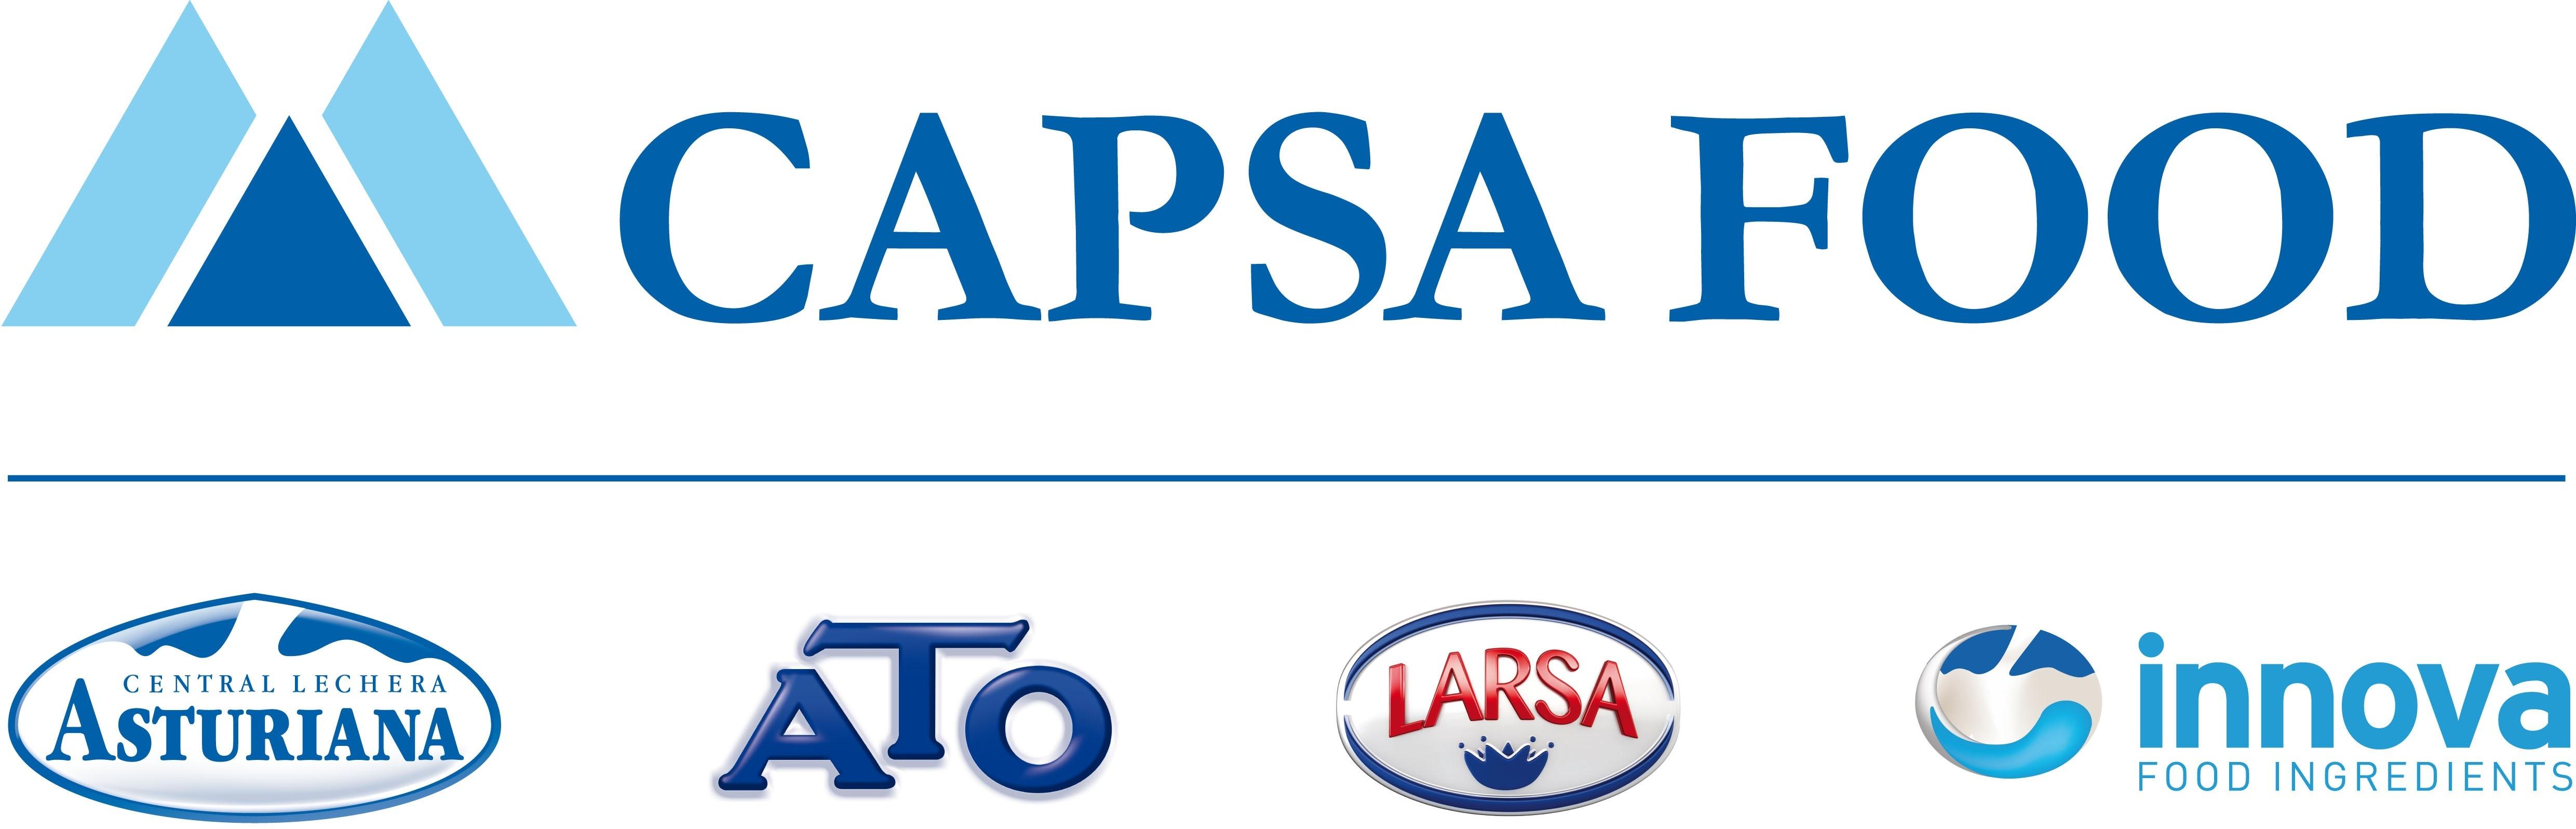 Capsa Food, nueva imagen corporativa de Capsa para adaptarse a su estrategia de internacionalización